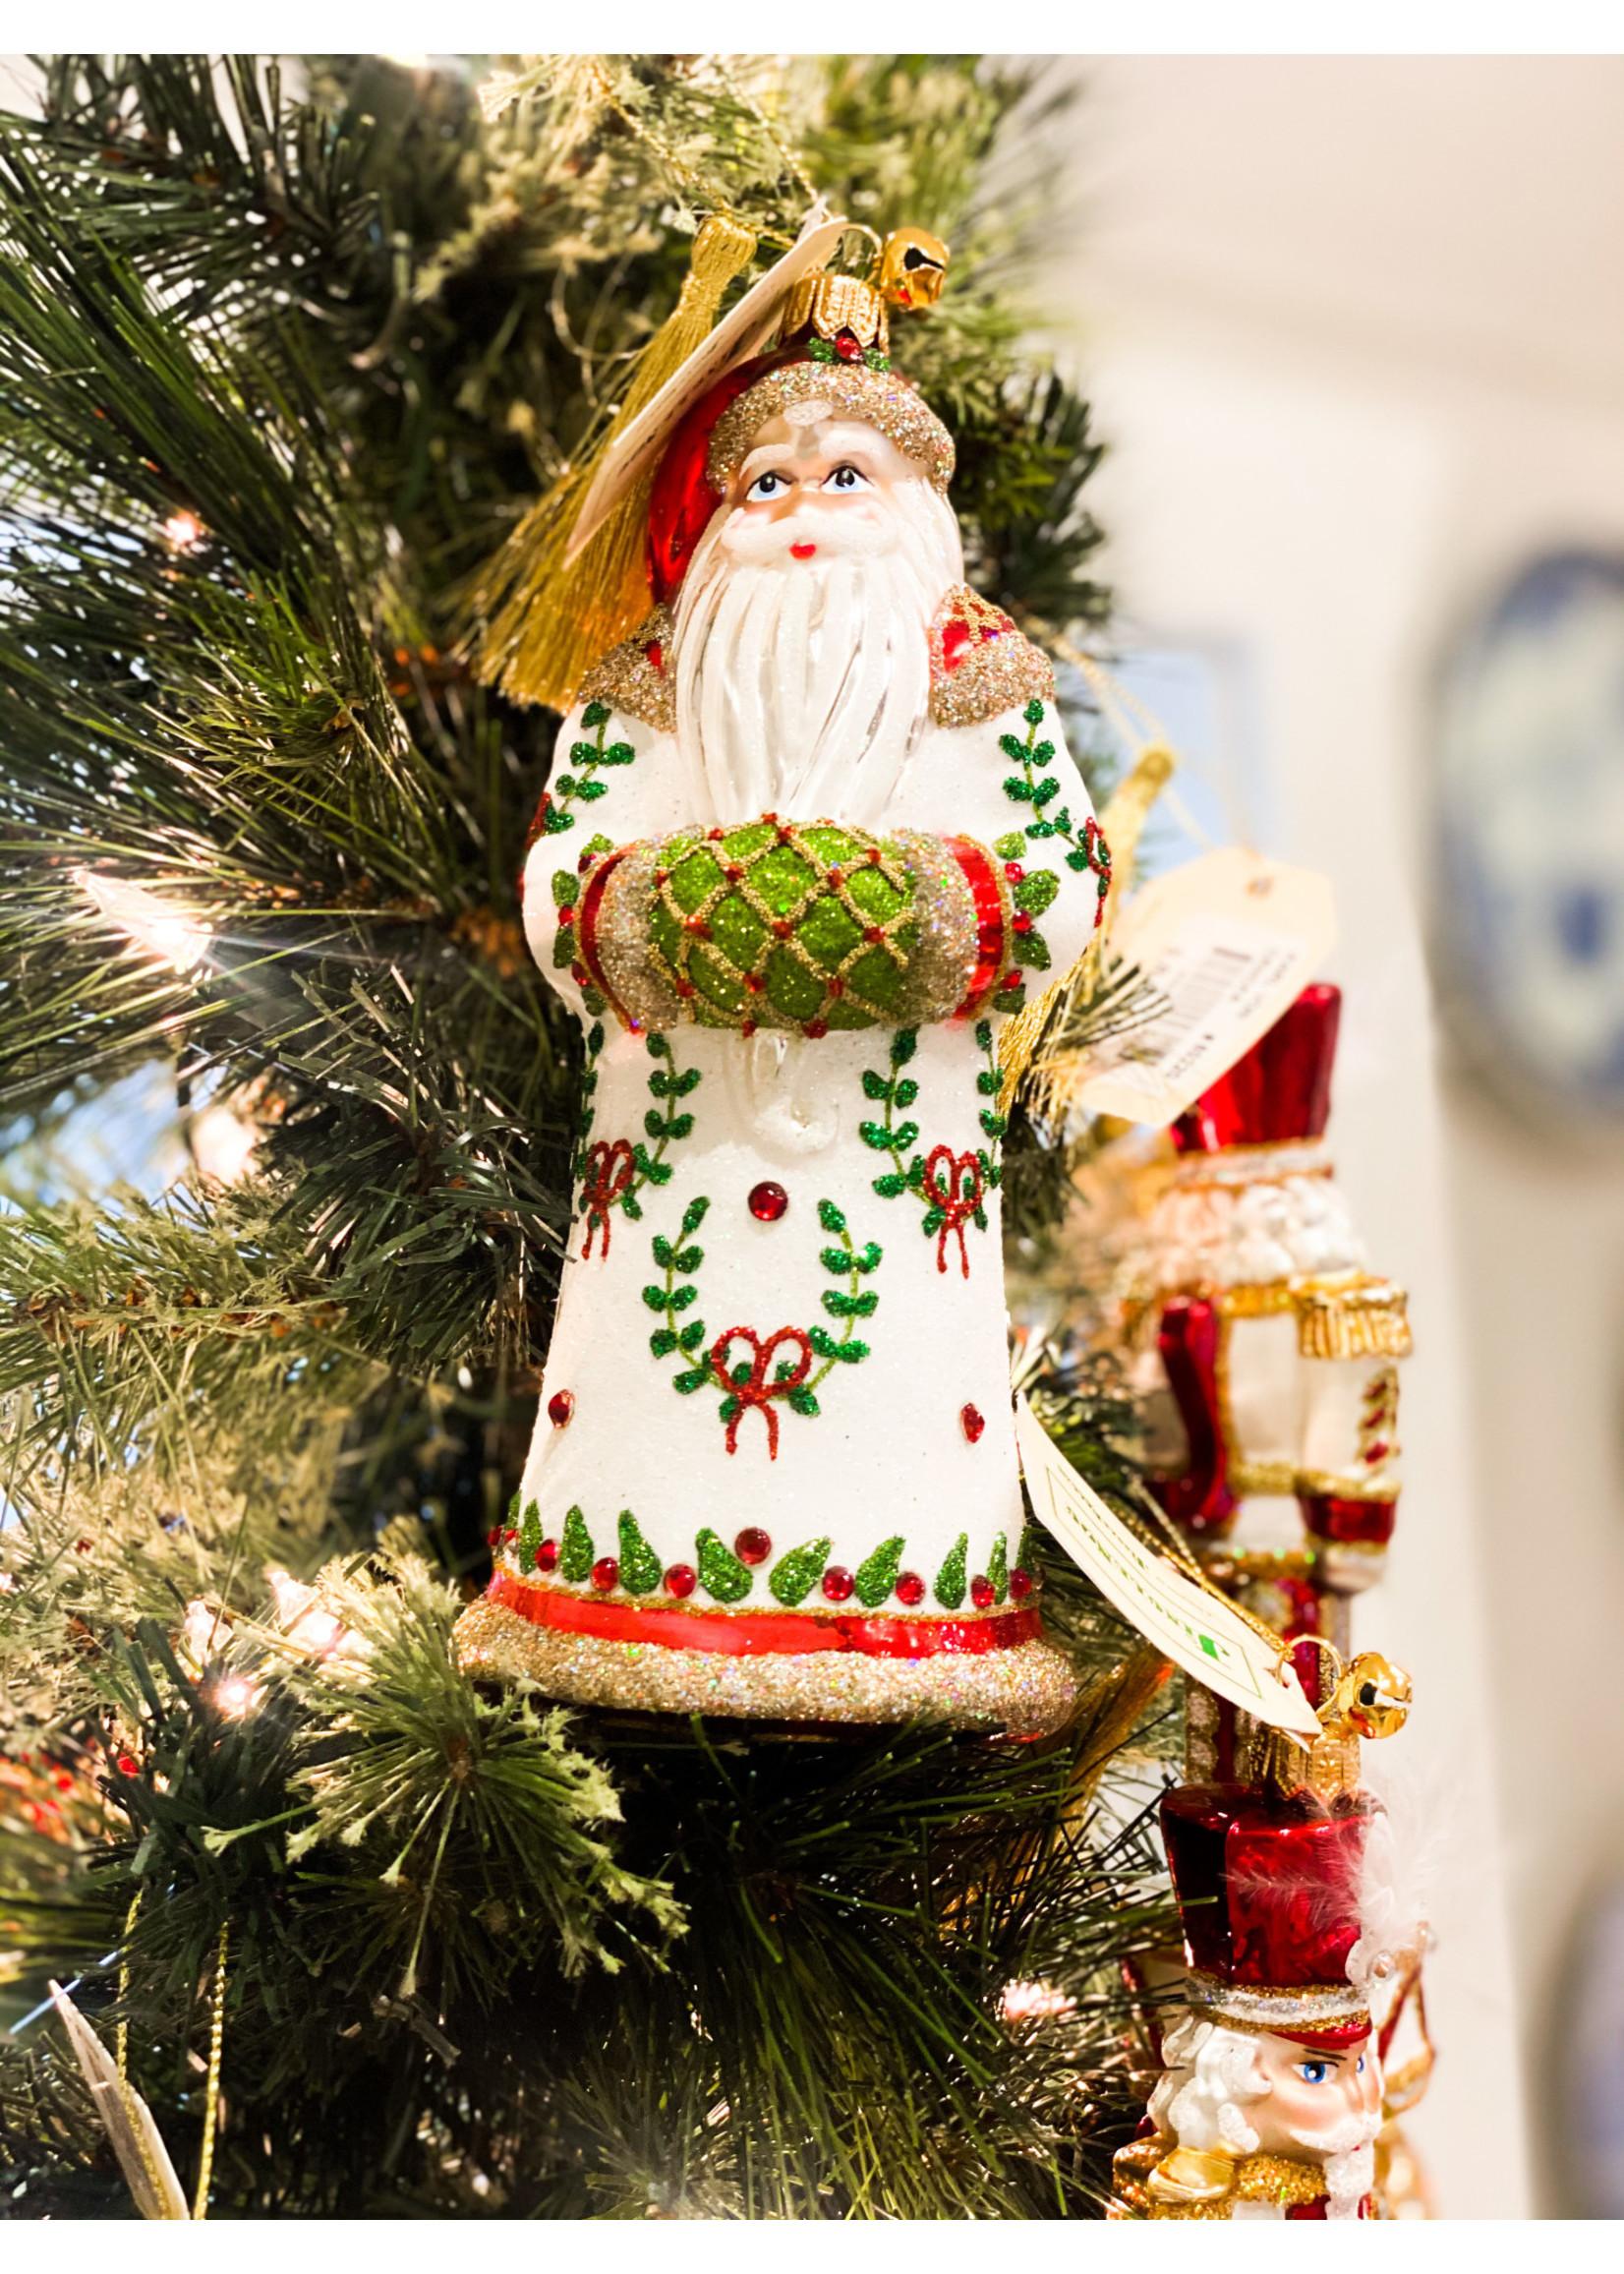 Jingle Nog Ornament - Nikolas Laureles